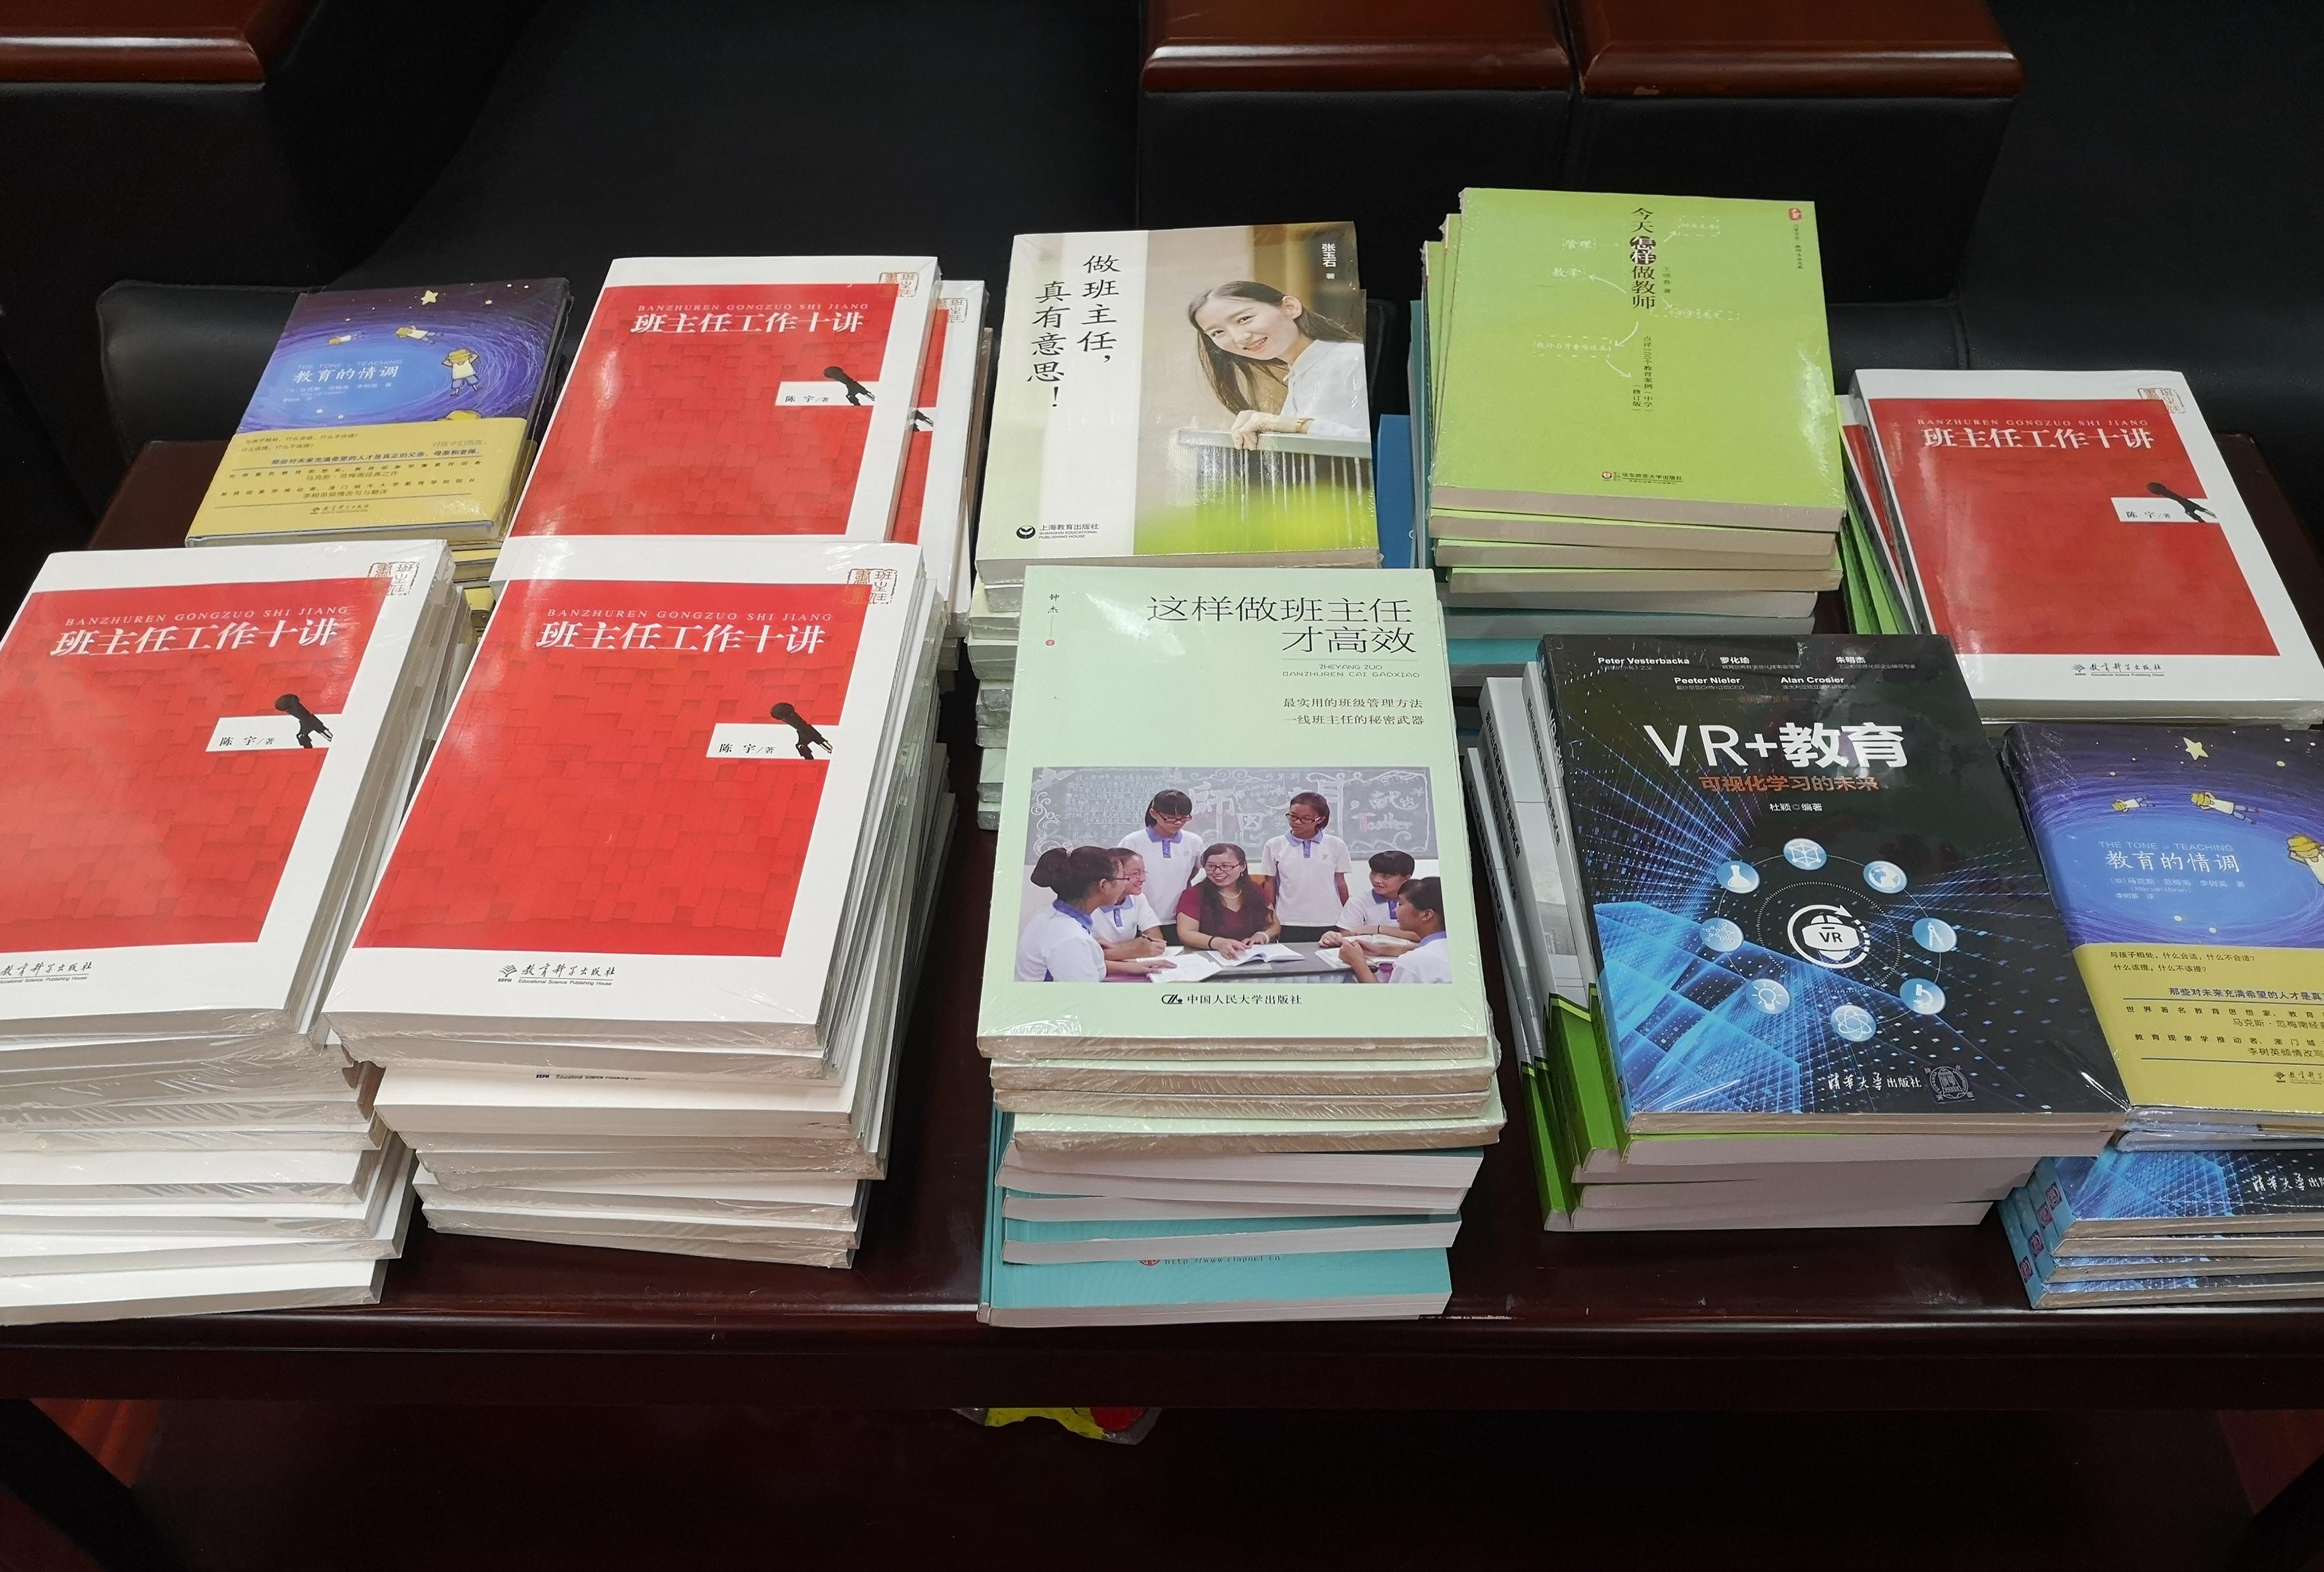 06为老师们提供自主学习专业书籍.jpg